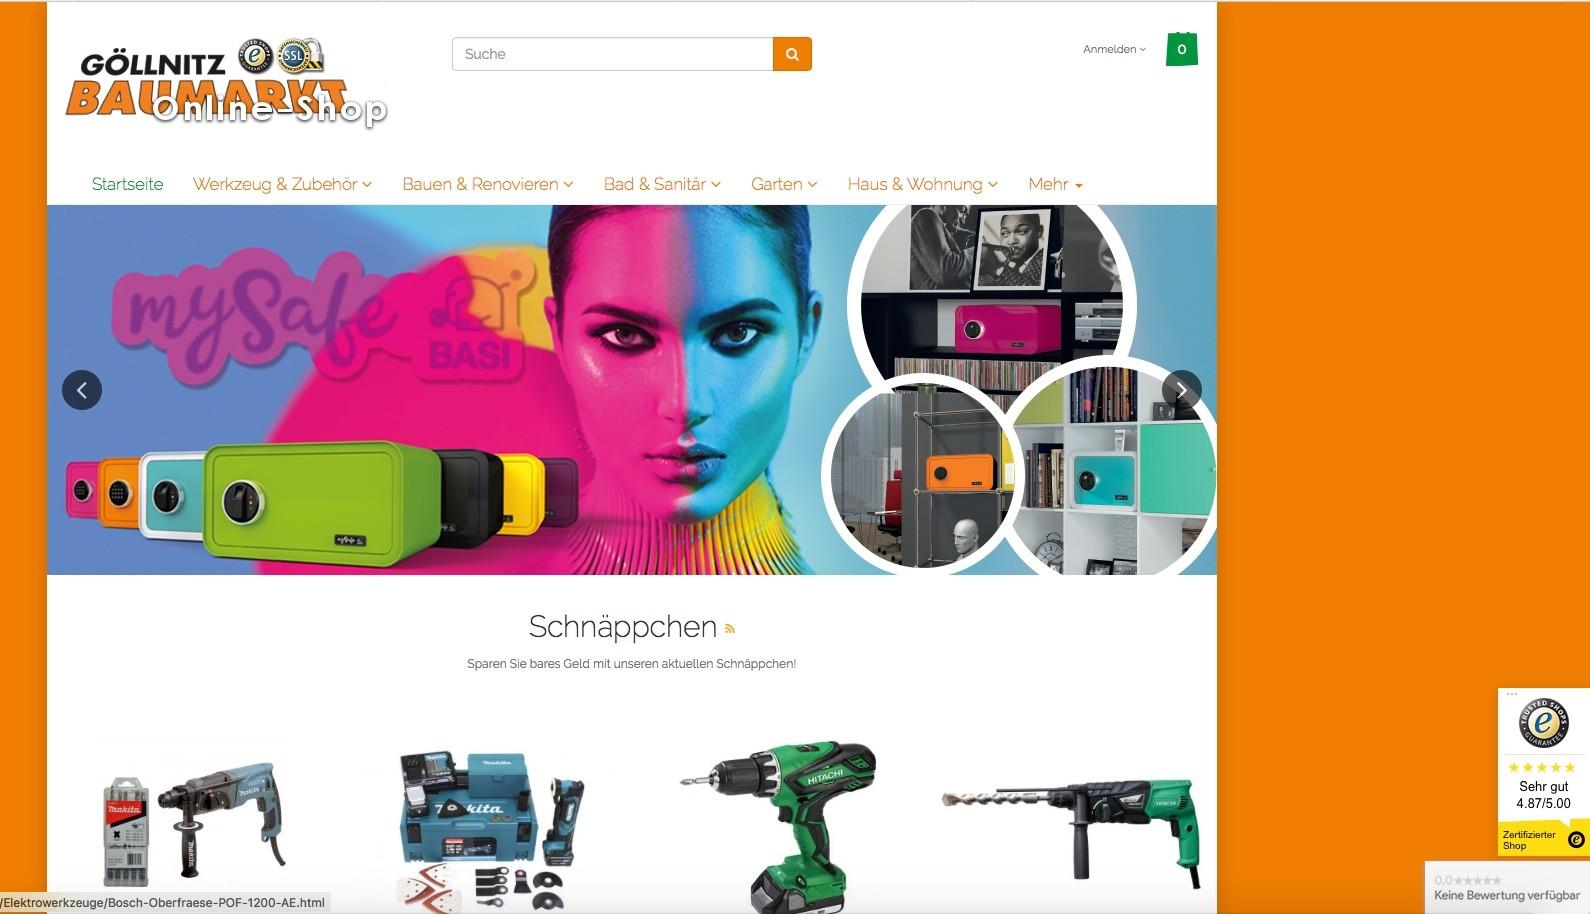 Baumarkt Göllnitz ist in der Top-50-Shops Liste von ExpertenTesten.de.